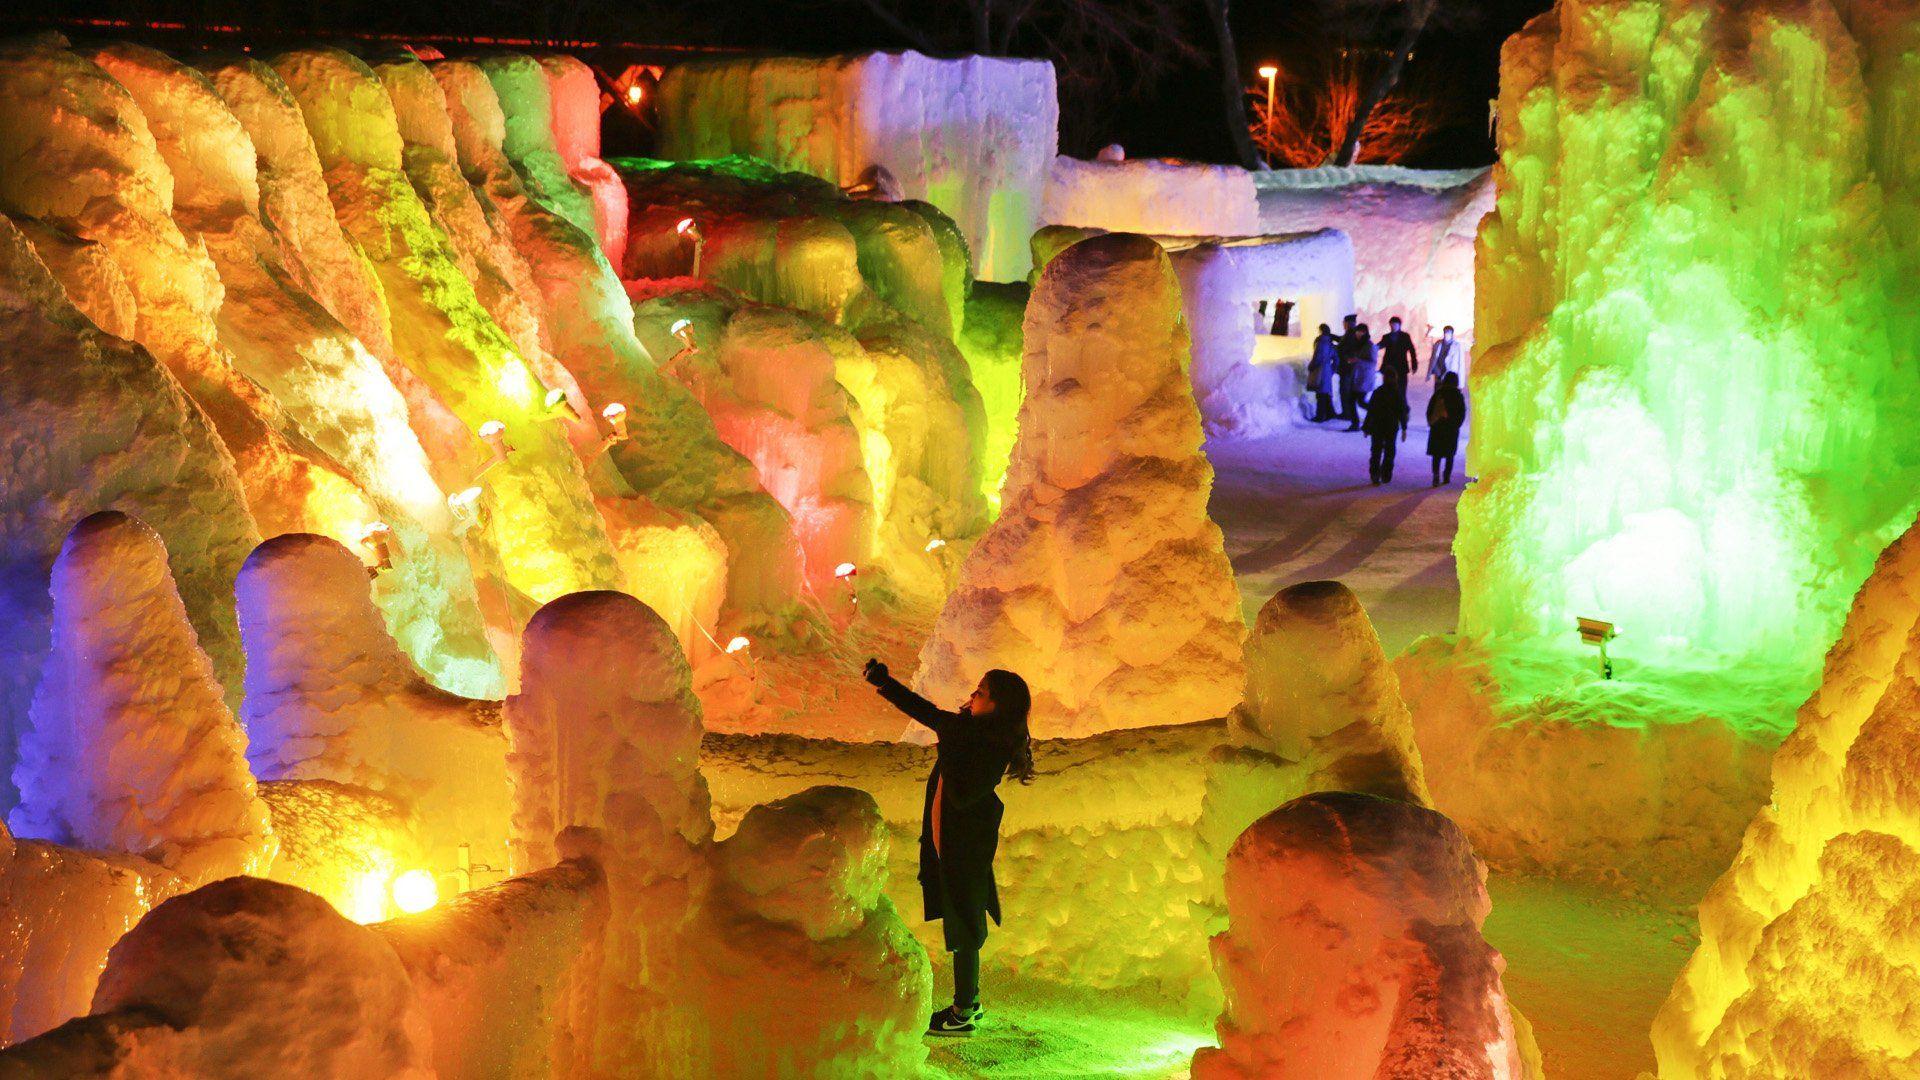 Festival del Hielo en el Lago Shikotsu, en Shikotsukoonsen, al norte de Japón. El Festival de hielo se celebra del 29 de enero al 21 de febrero